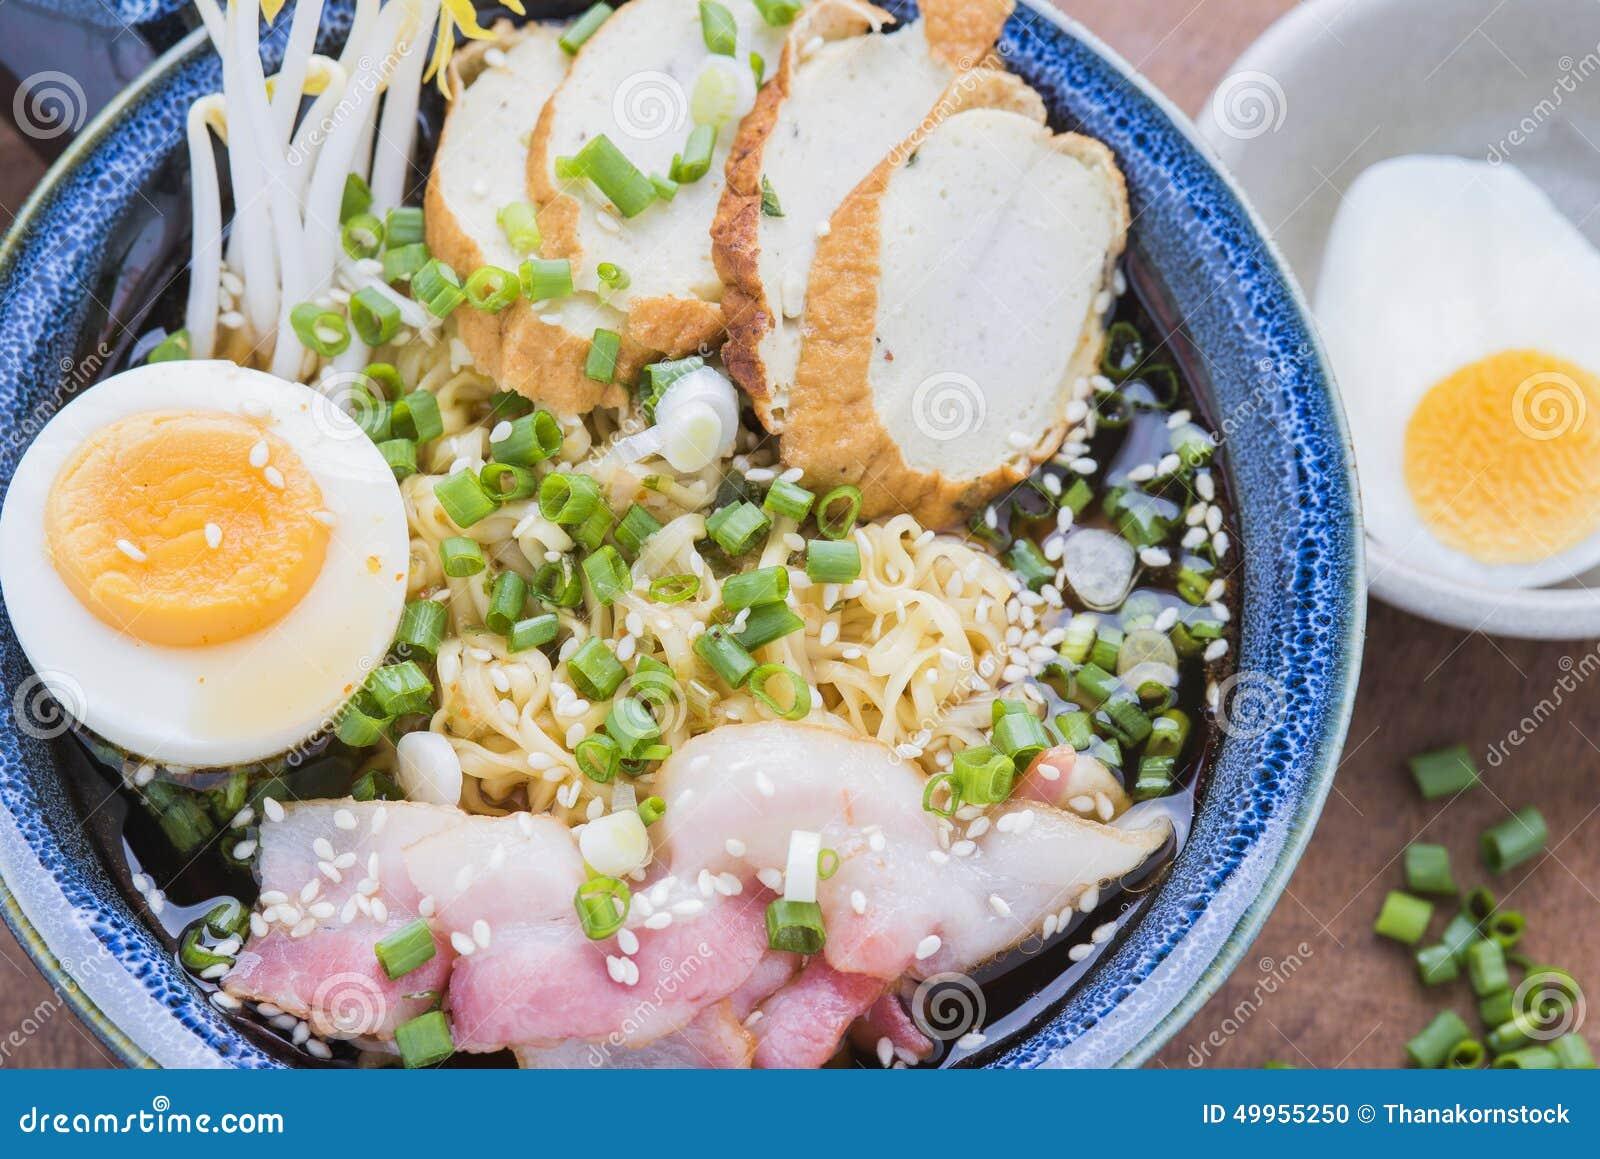 Asiatisches Lebensmittel japanische Ramennudel